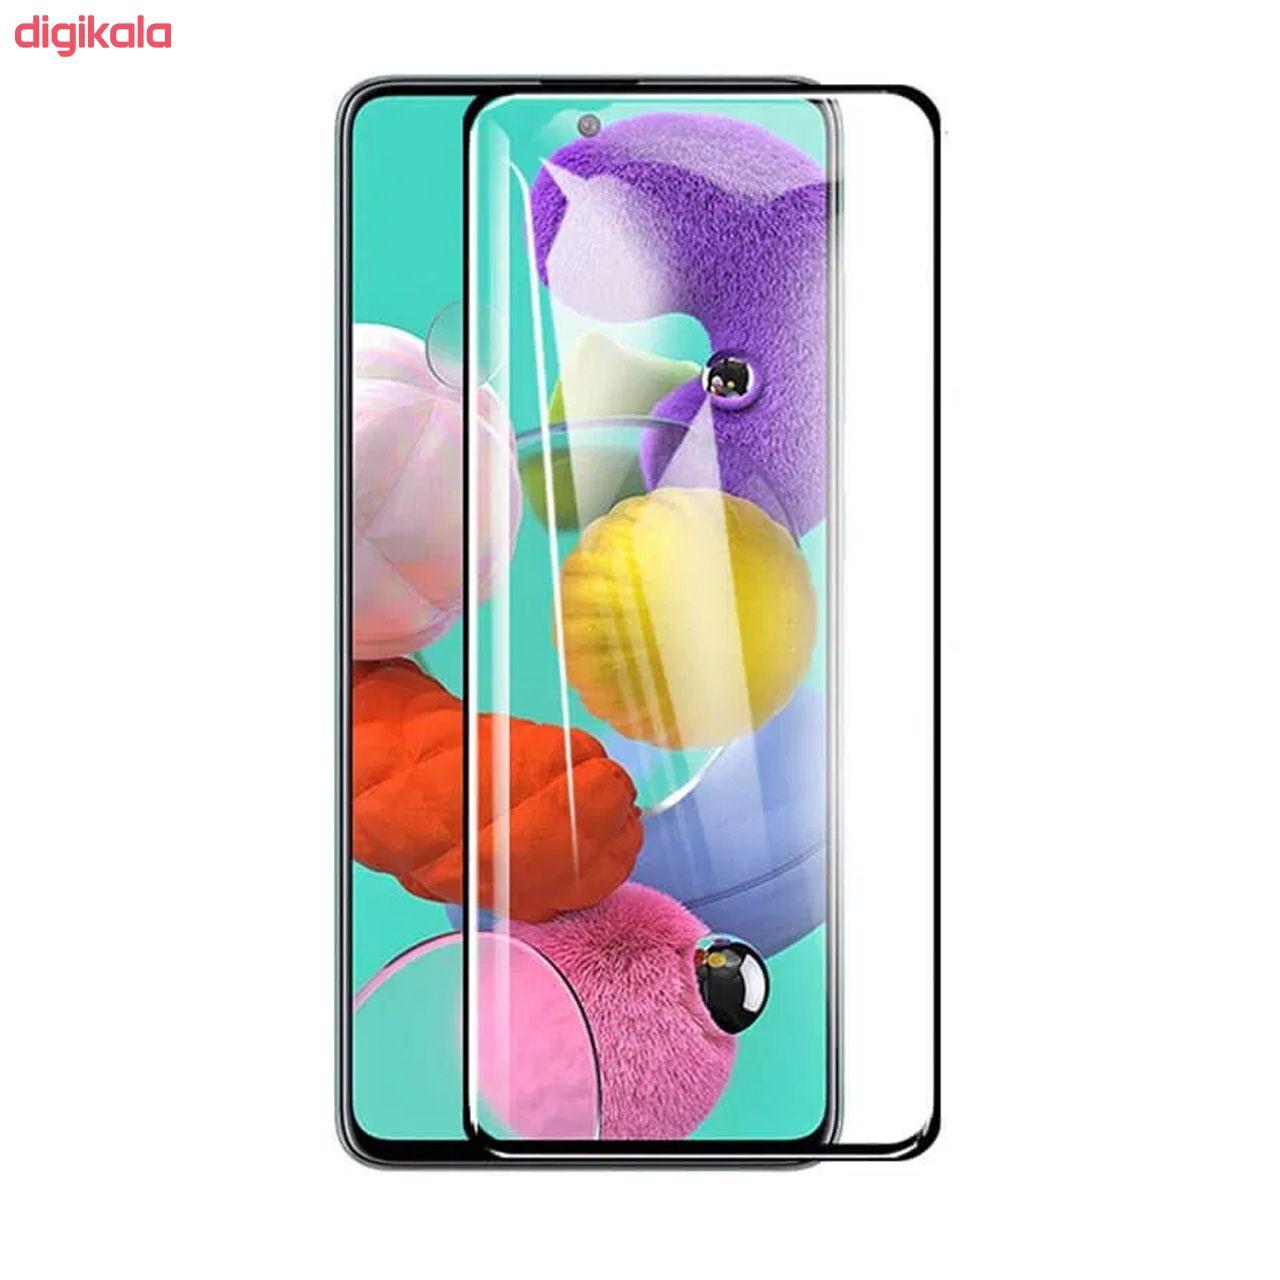 خرید اینترنتی با تخفیف ویژه  کاور ری گان مدل AF501 مناسب برای گوشی موبایل سامسونگ Galaxy A51 به همراه محافظ صفحه نمایش